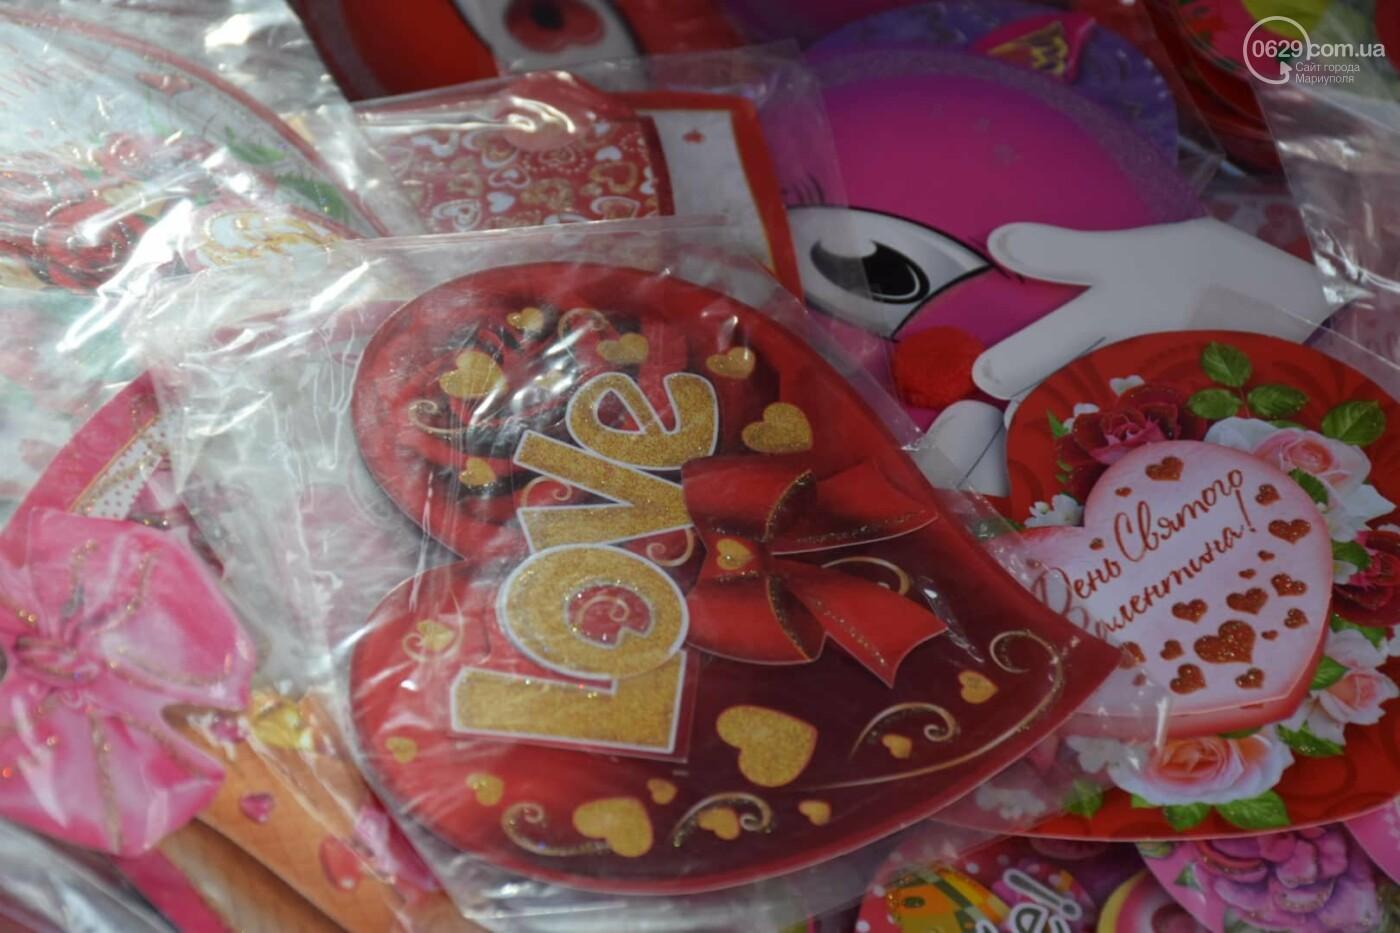 День Святого Валентина в Мариуполе: цветы, шары и мужчины-романтики, - ФОТОРЕПОРТАЖ, фото-14